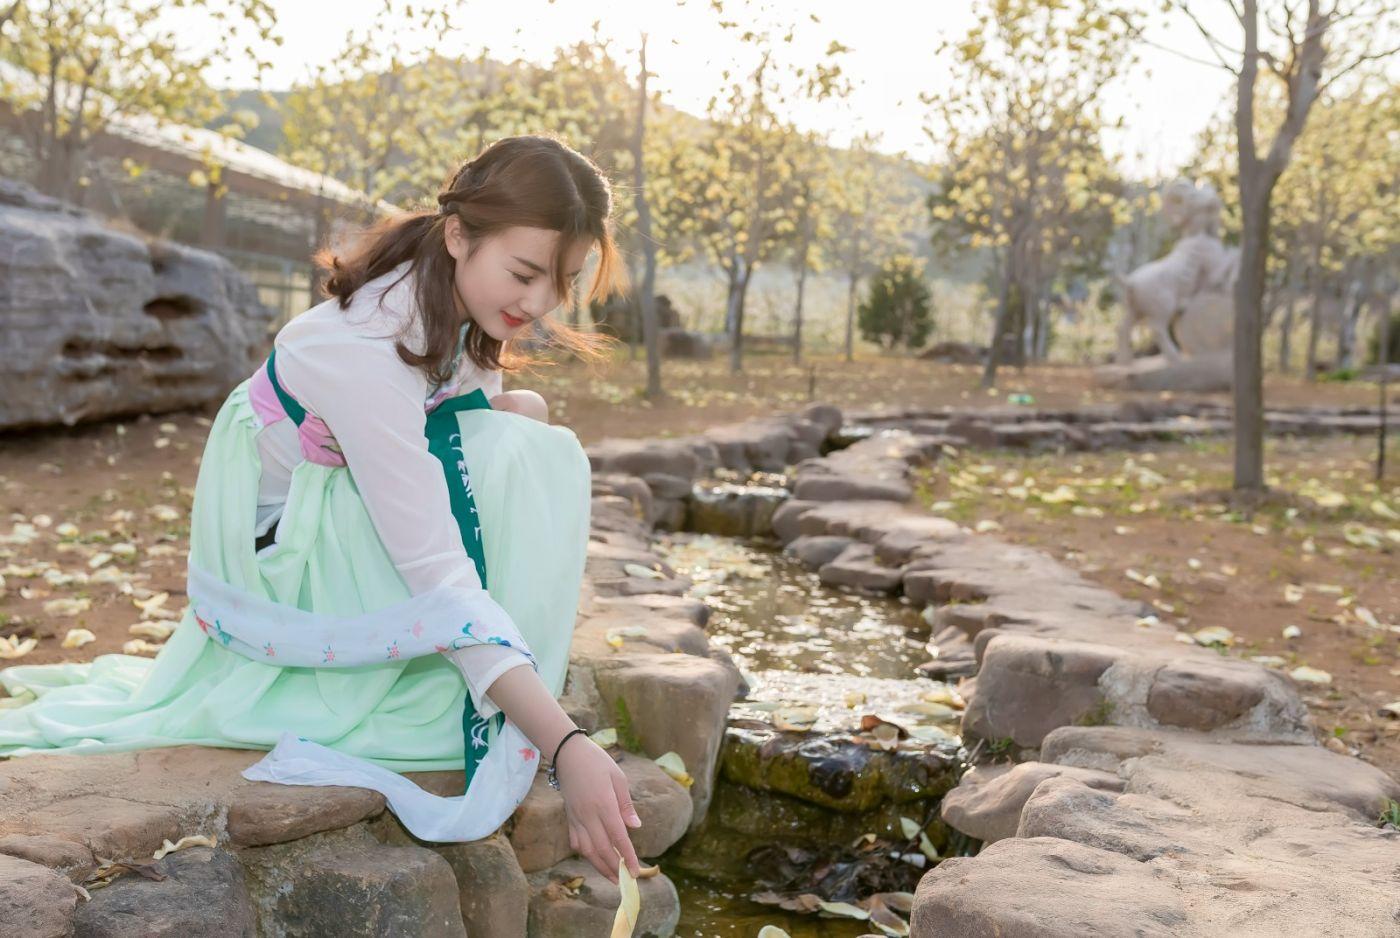 柿子妮又来了女孩越来越漂亮了穿上汉服的她在马泉花海中_图1-15